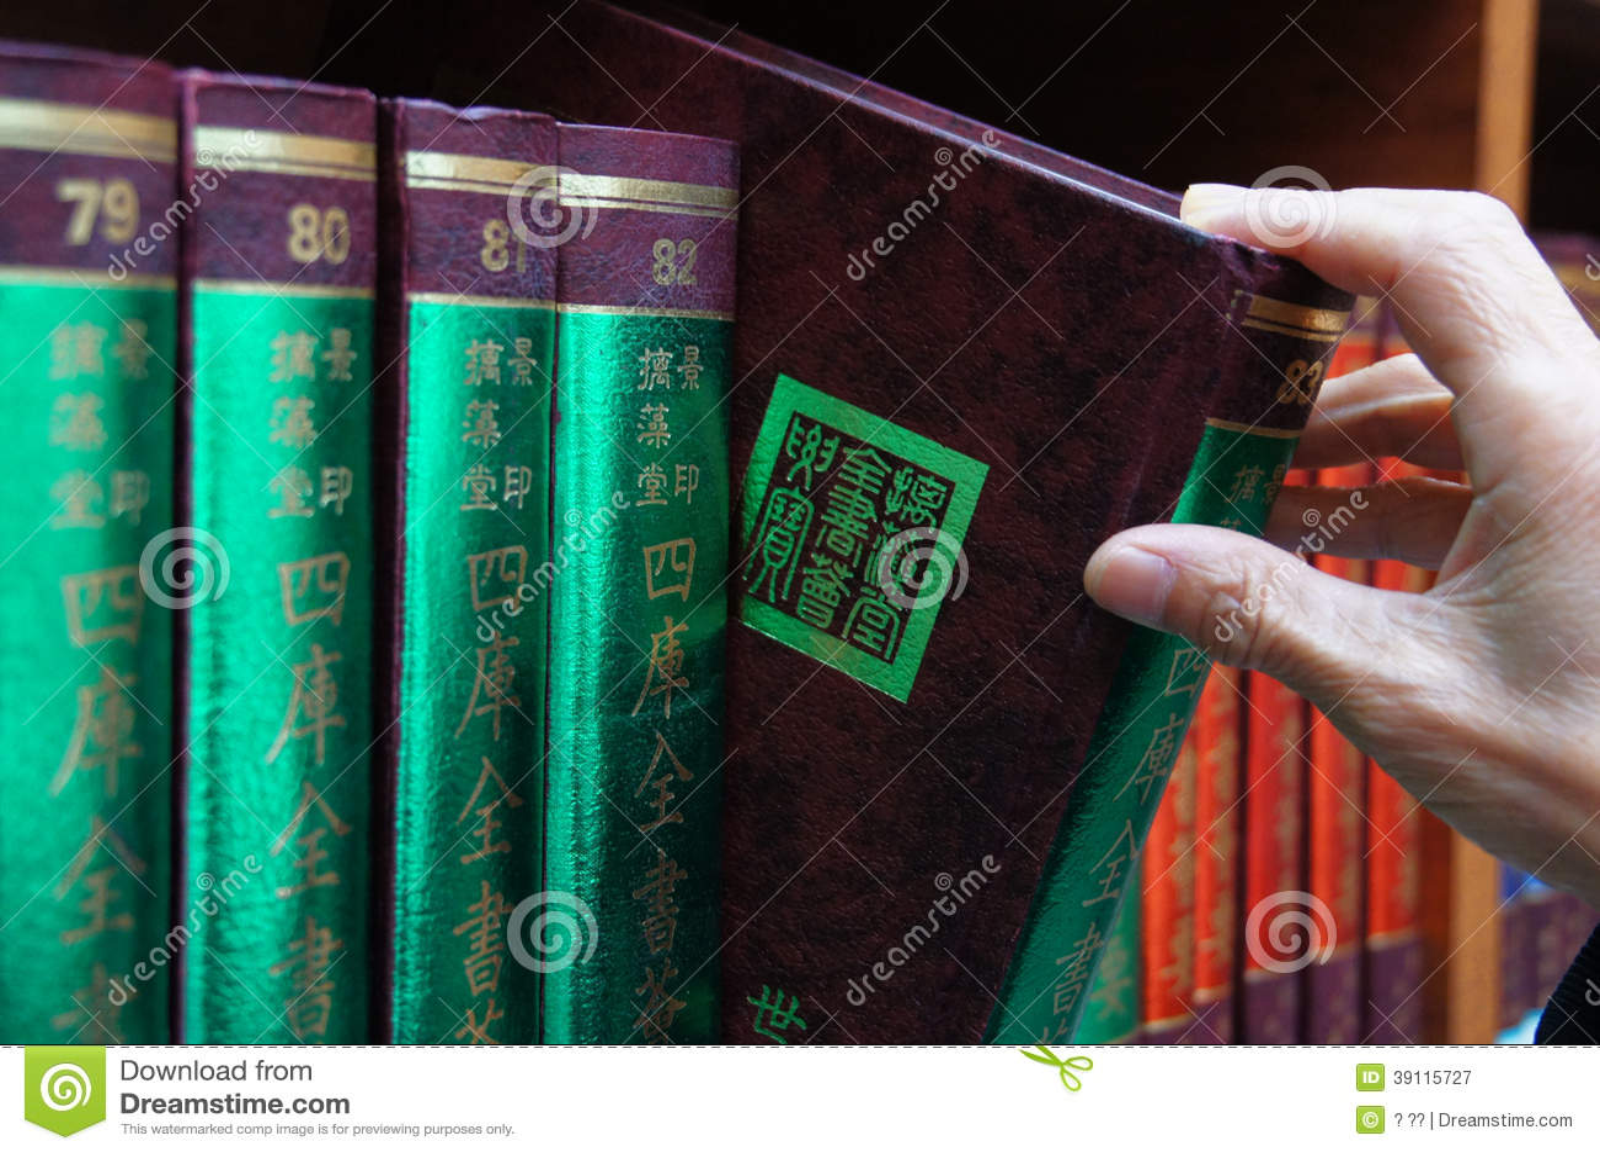 Bibliotheek, boekenrek